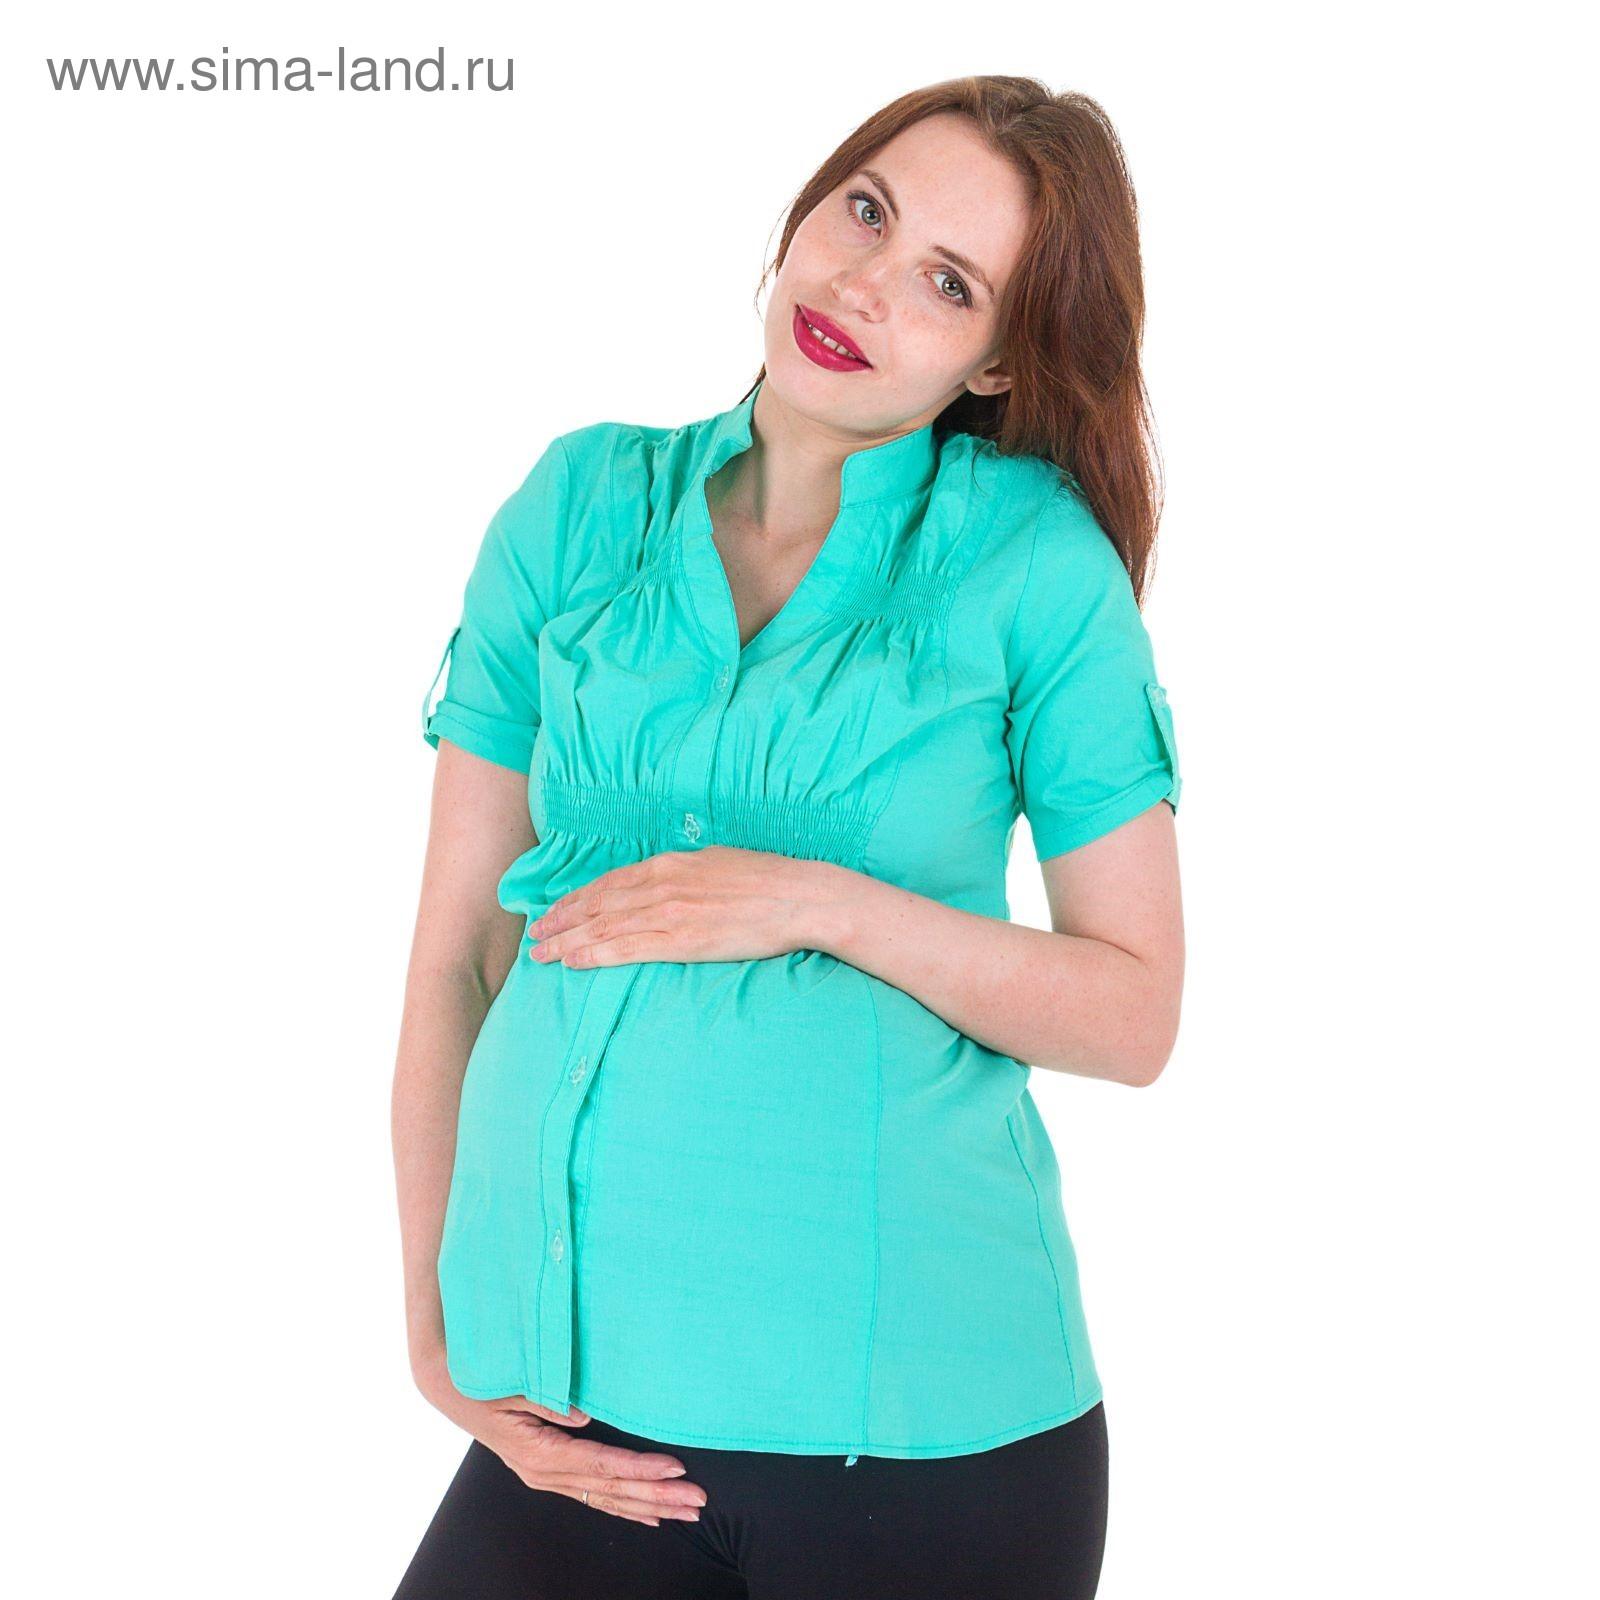 414bbd5c0365 Блузка для беременных 2242, цвет ментол, размер 46, рост 170 ...